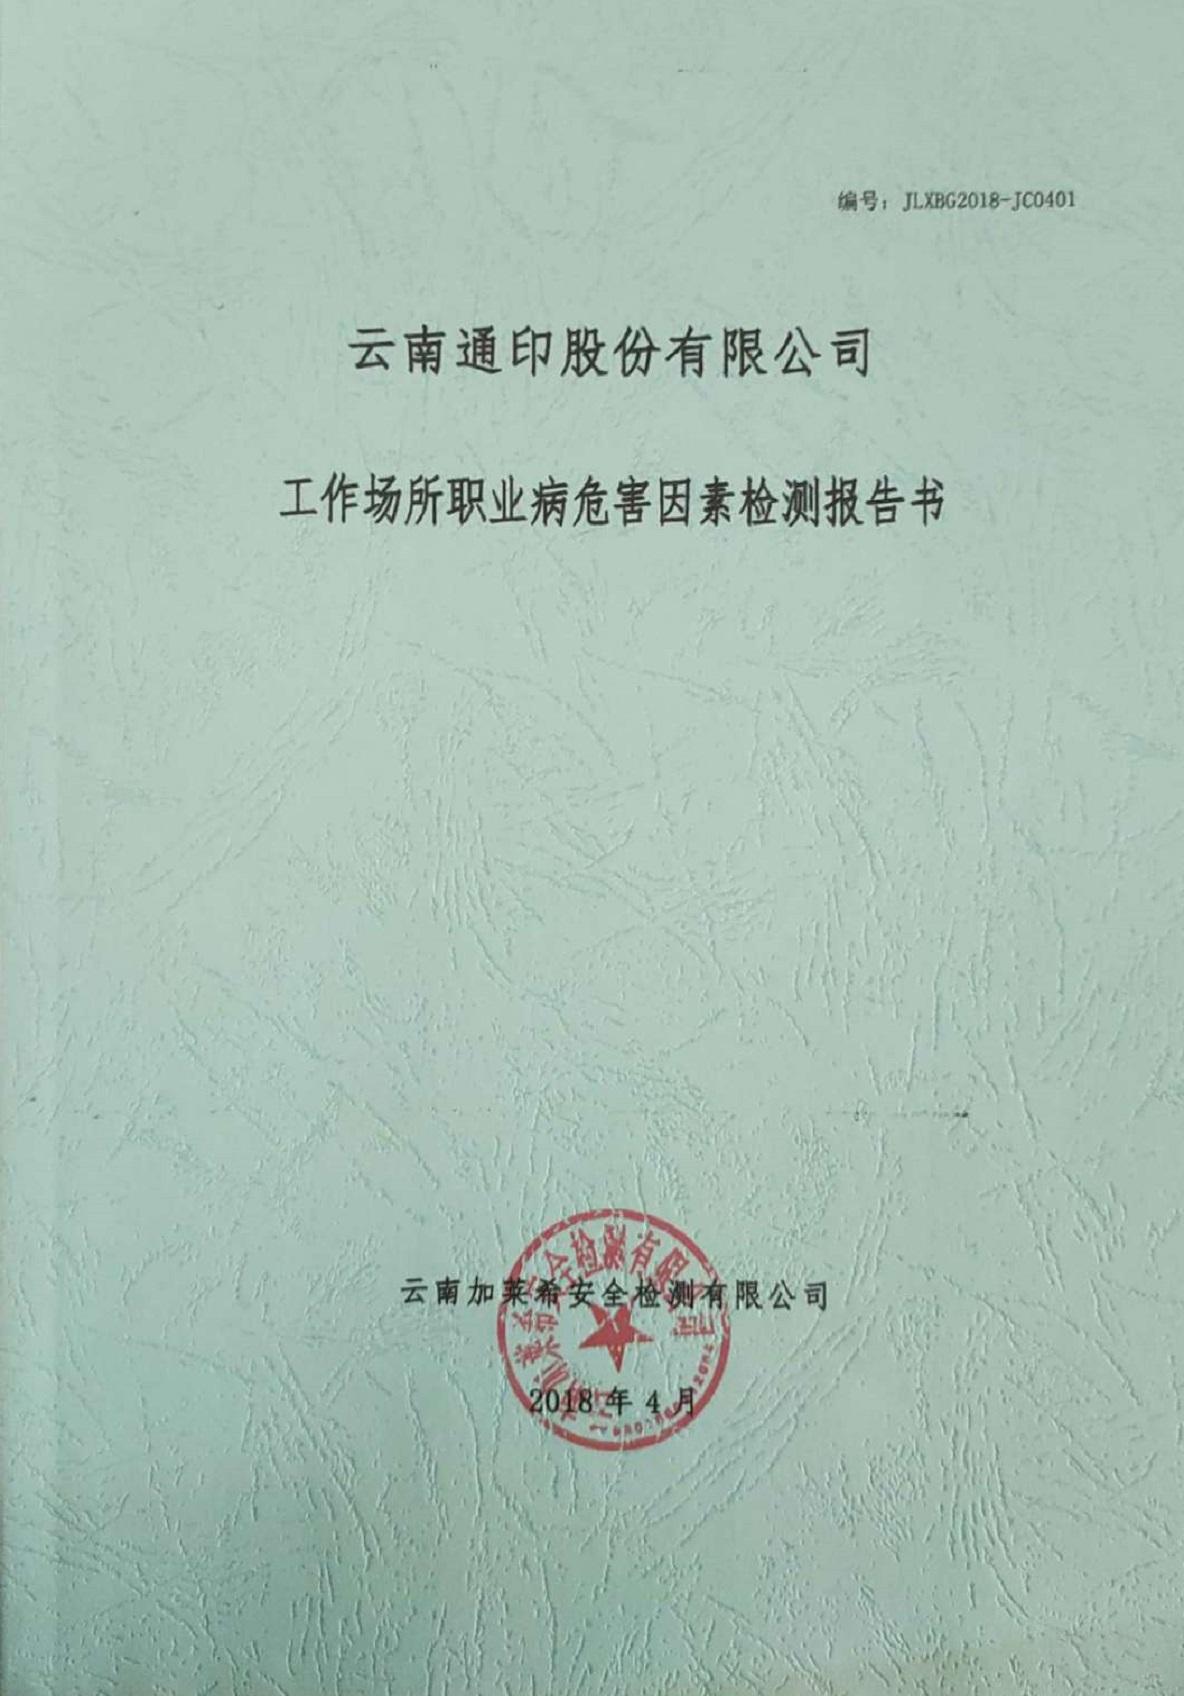 (2018年)工作场所职业病危害因素检测报告书